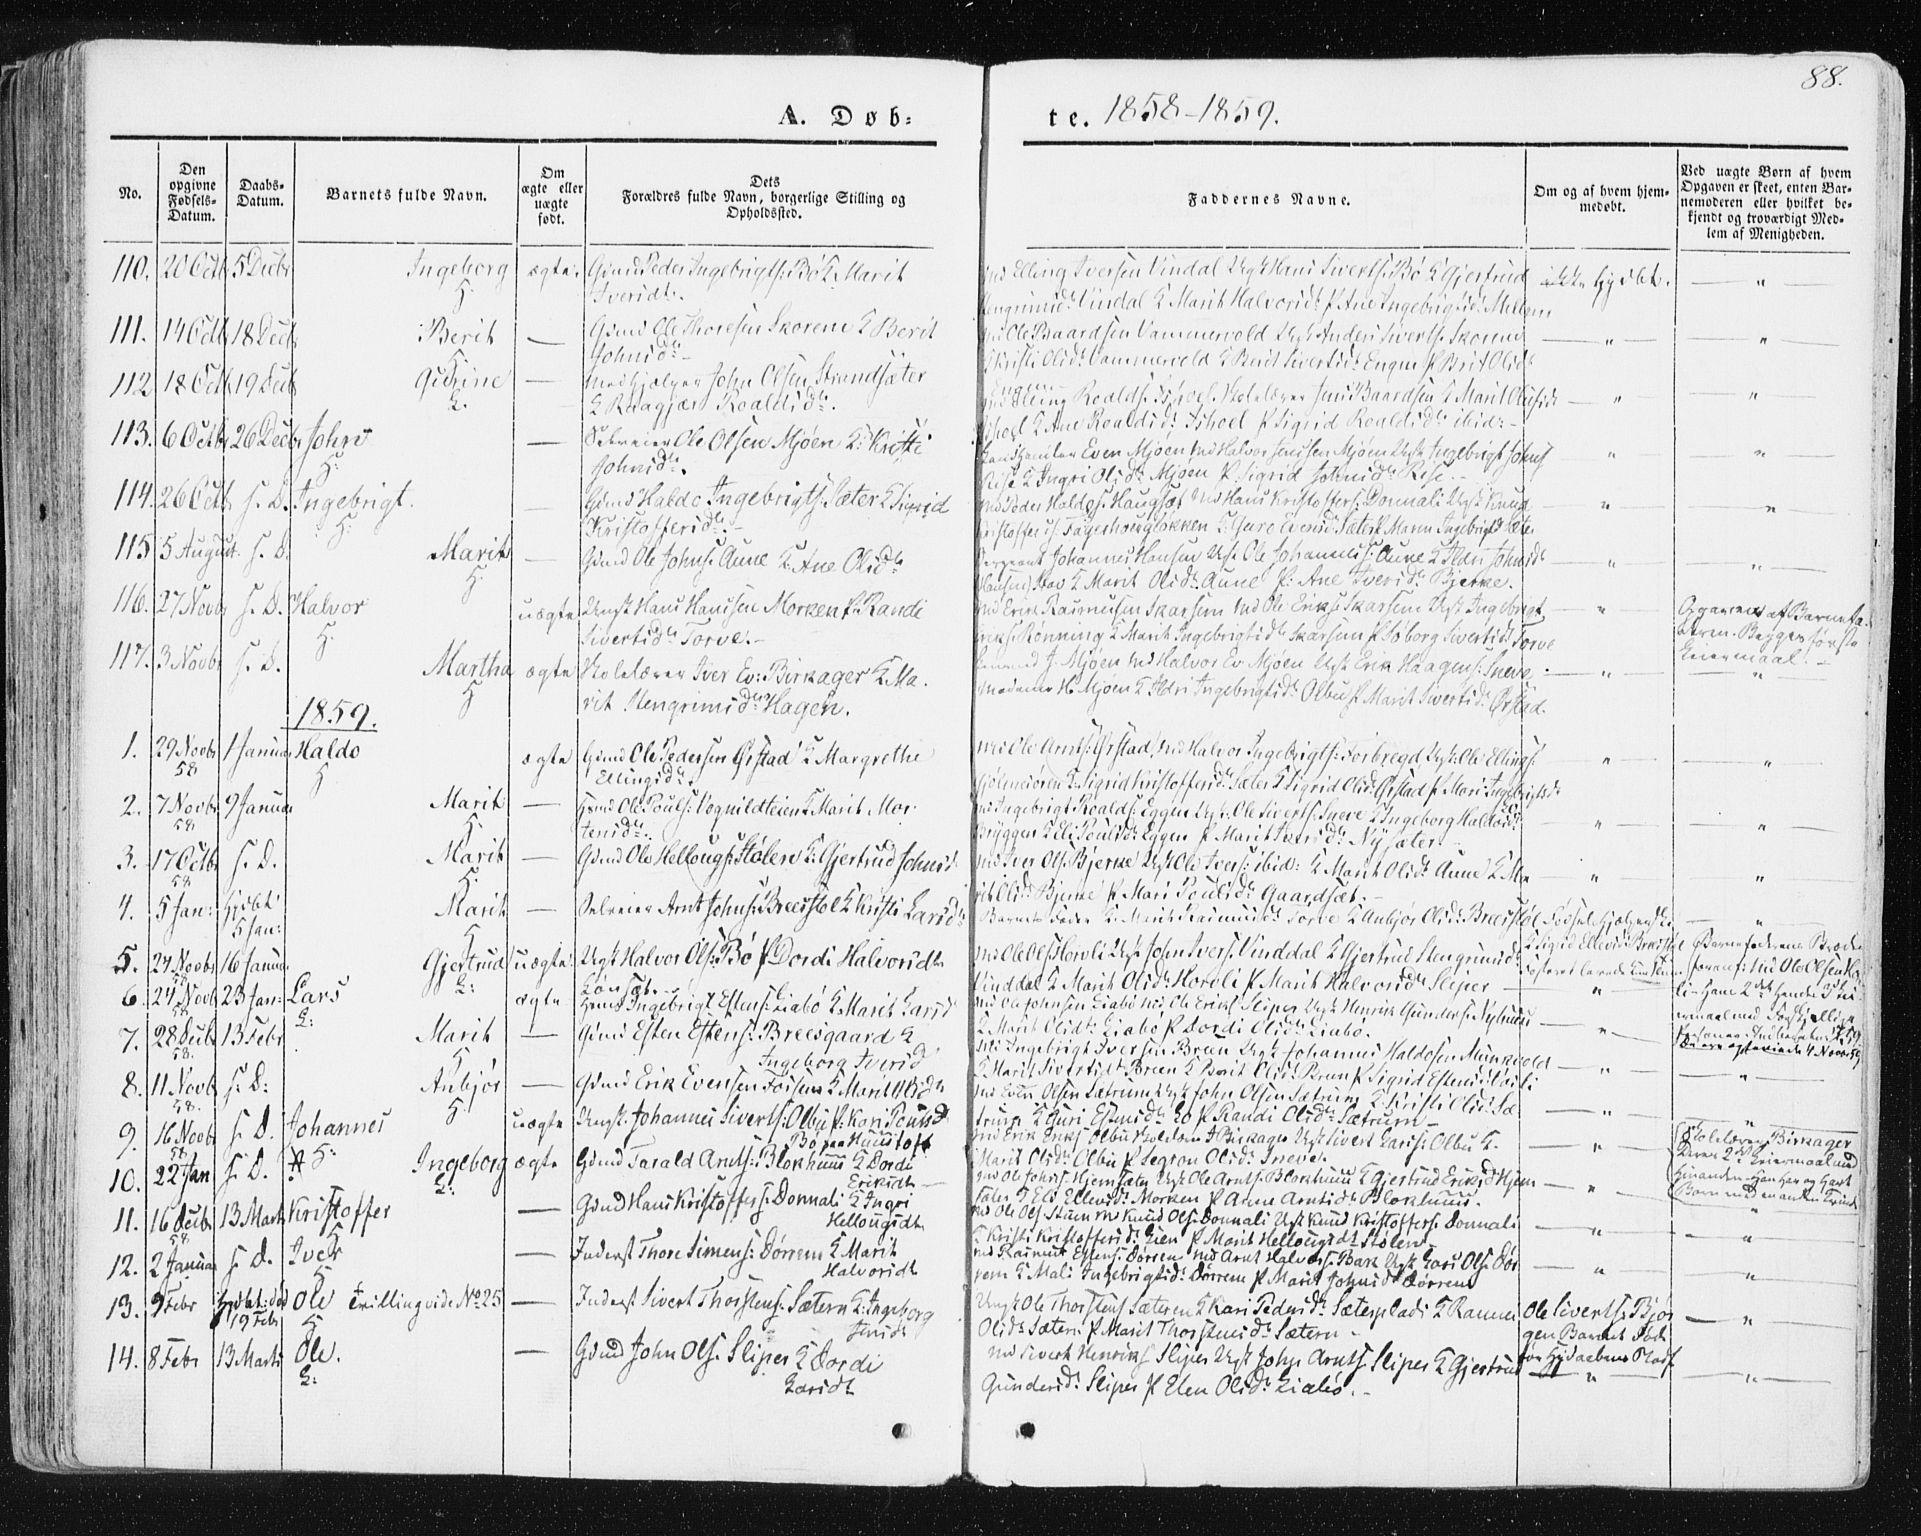 SAT, Ministerialprotokoller, klokkerbøker og fødselsregistre - Sør-Trøndelag, 678/L0899: Ministerialbok nr. 678A08, 1848-1872, s. 88